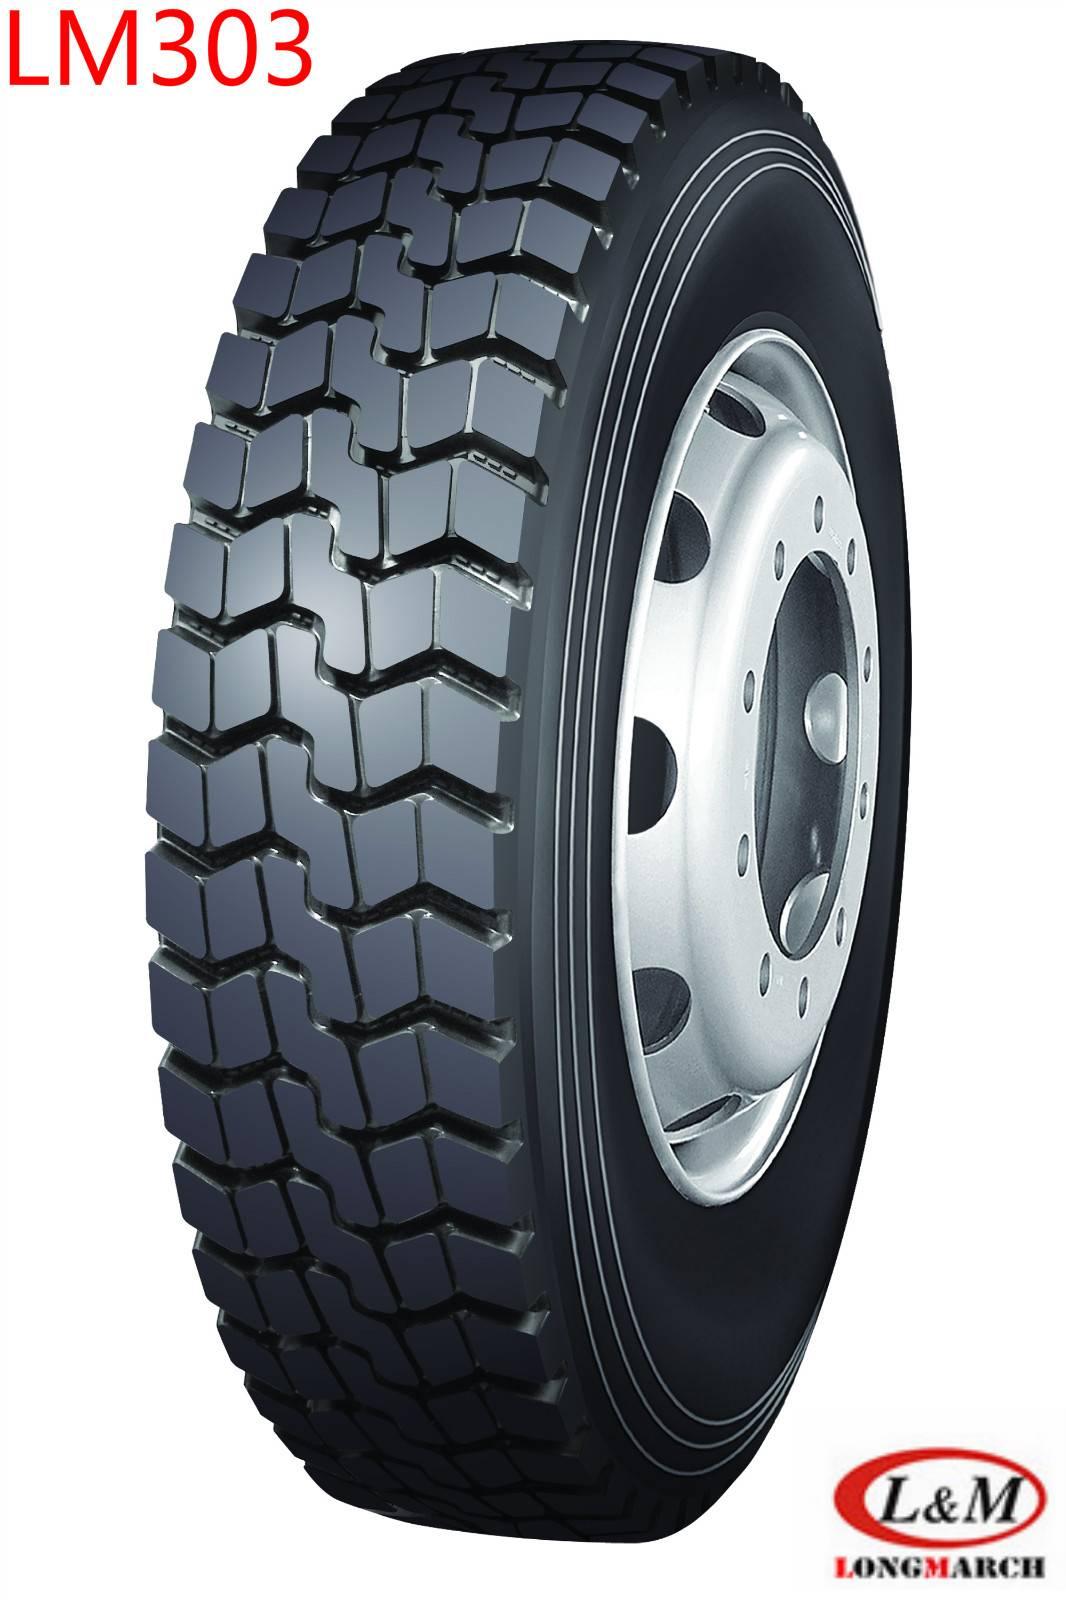 Long March Roadlux Radial Truck Wheel & Tyre (LM303)